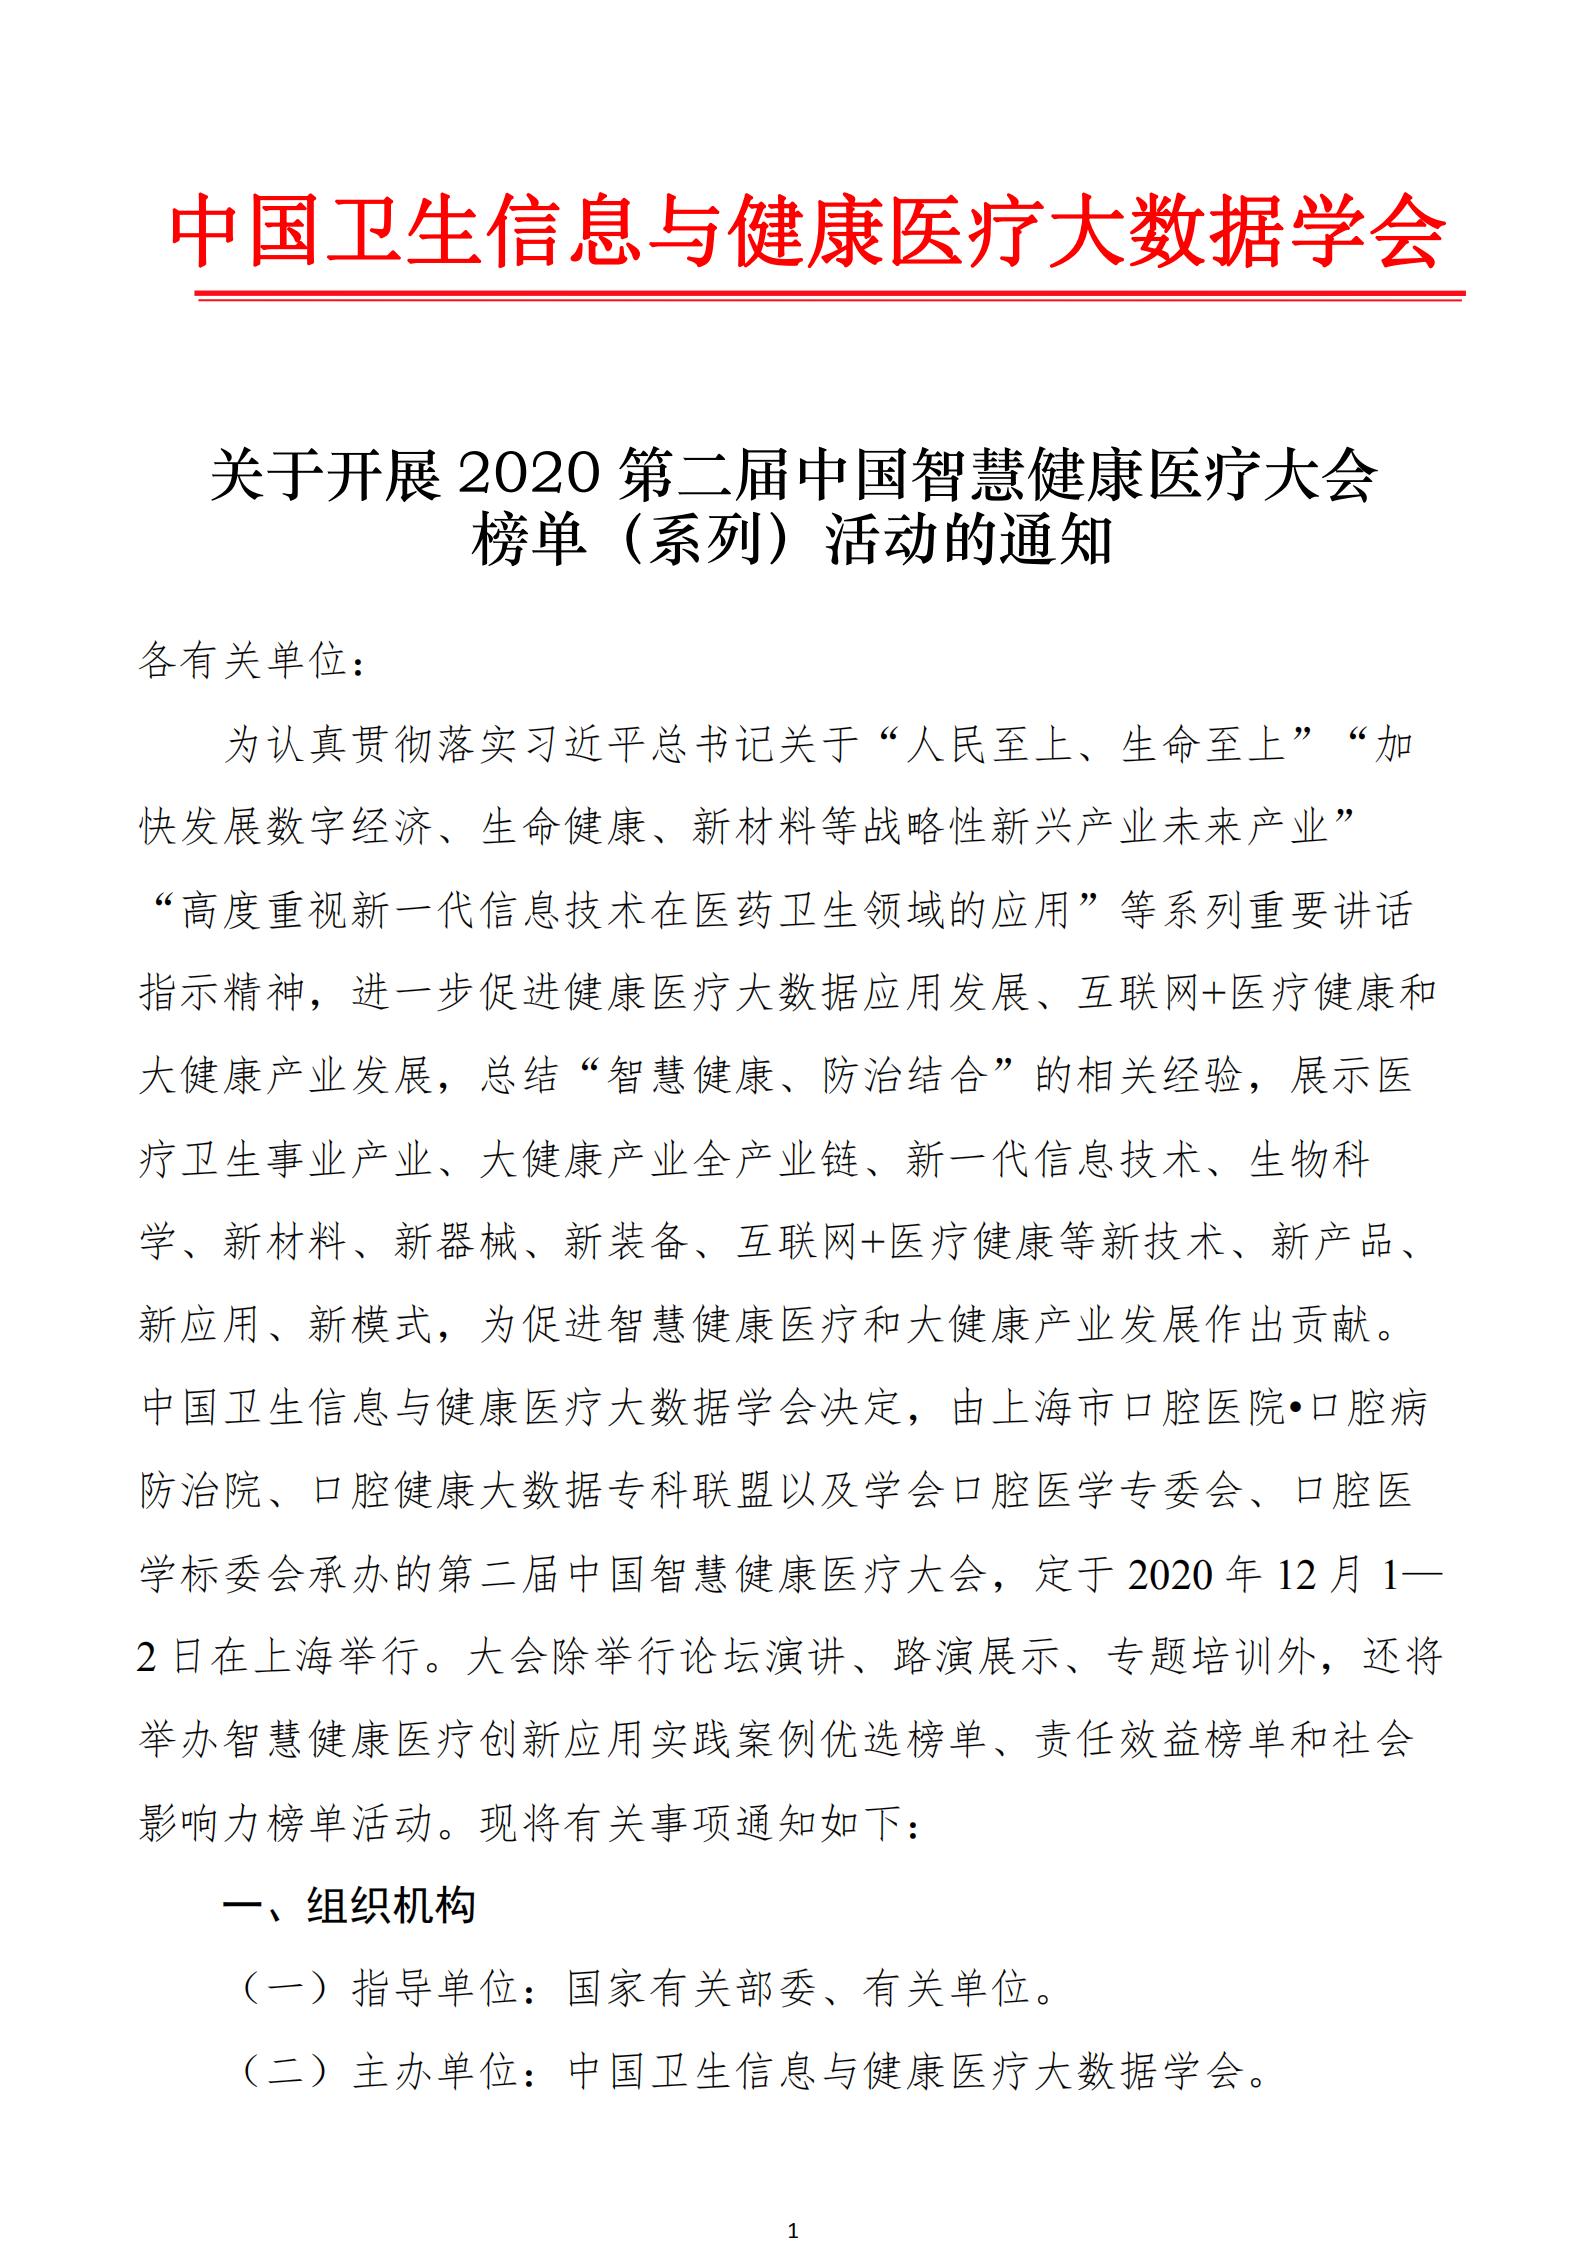 2020第二届大会榜单(系列)活动的通知_00.png